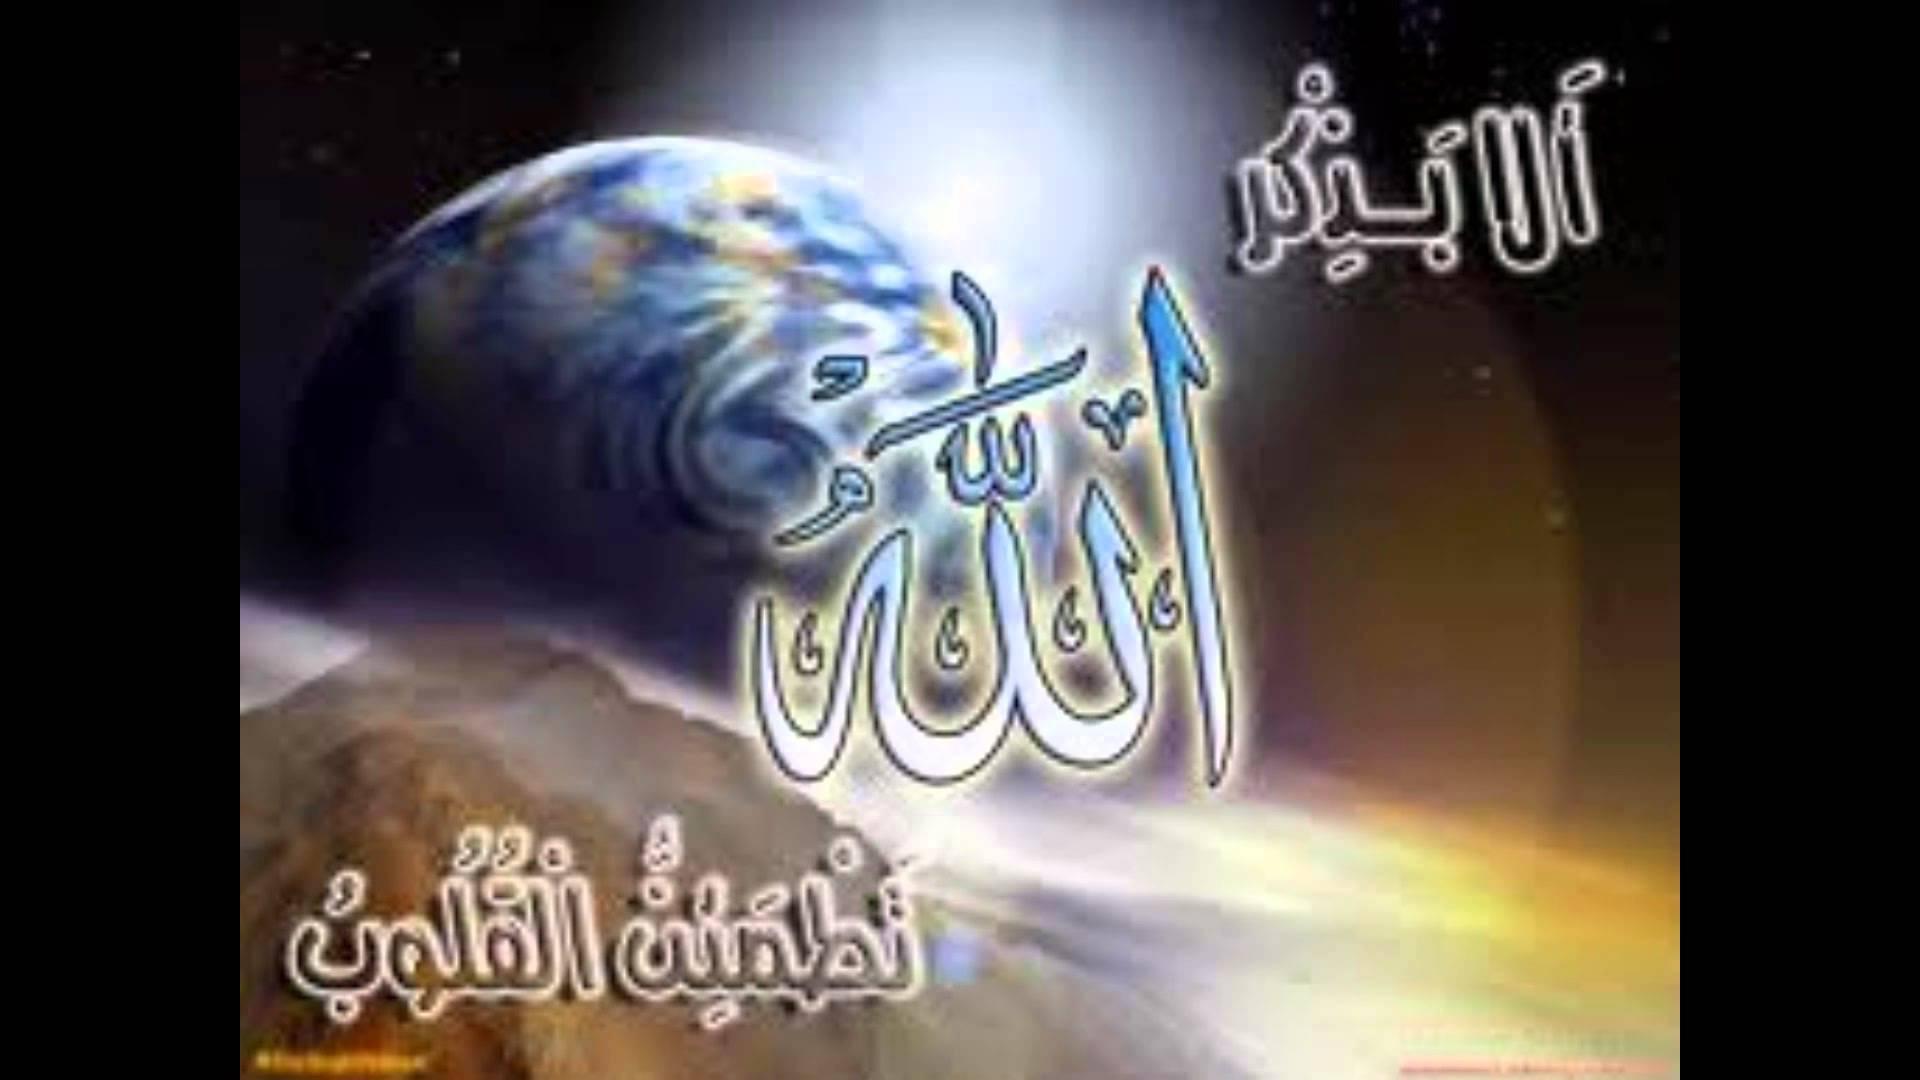 بالصور صور دينيه حلوه , من اجمل الصور الدينيه الرائعه 47 7